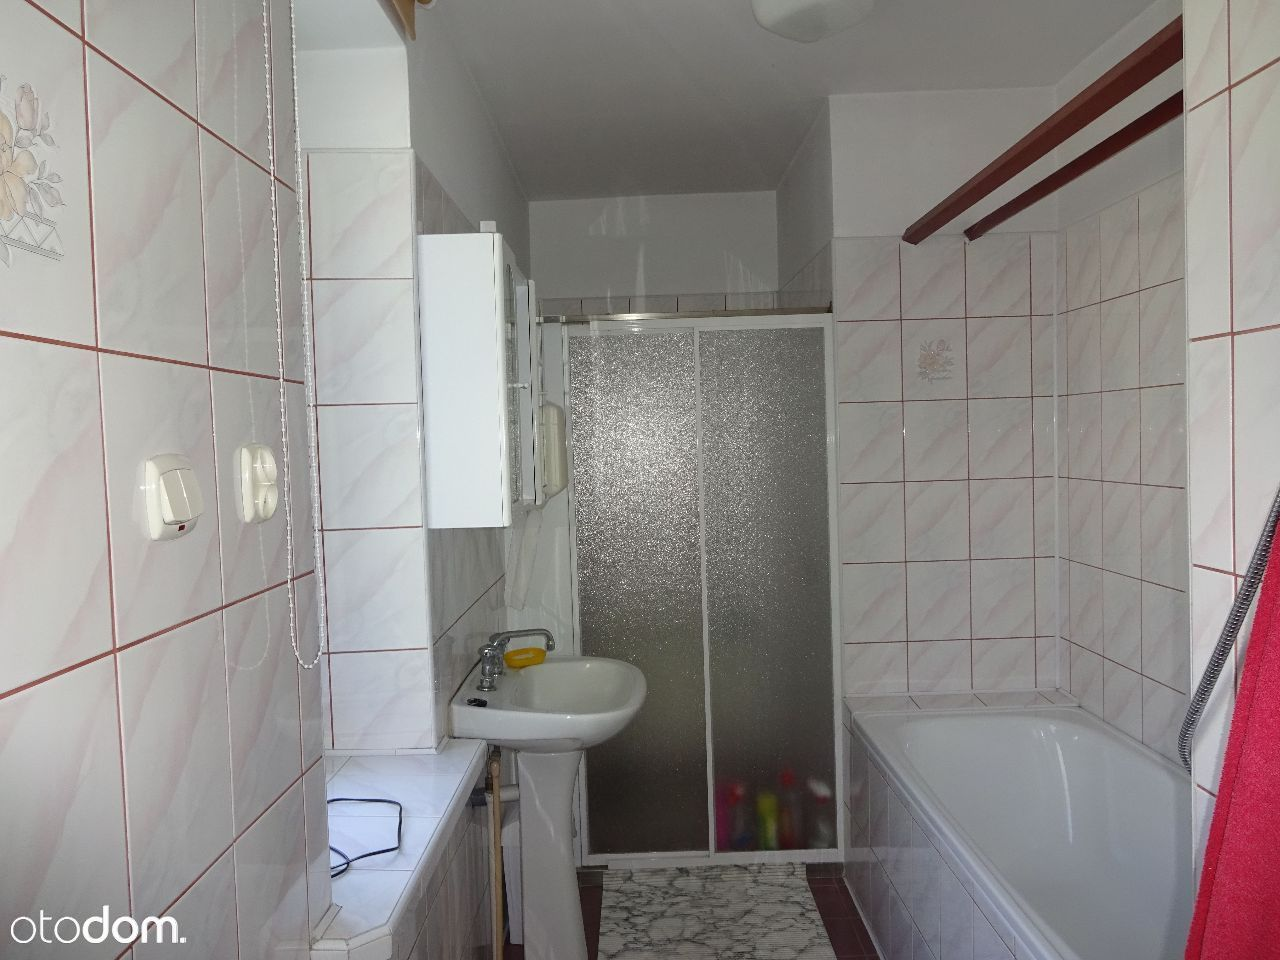 Dom na sprzedaż, Błażowa Dolna, rzeszowski, podkarpackie - Foto 14